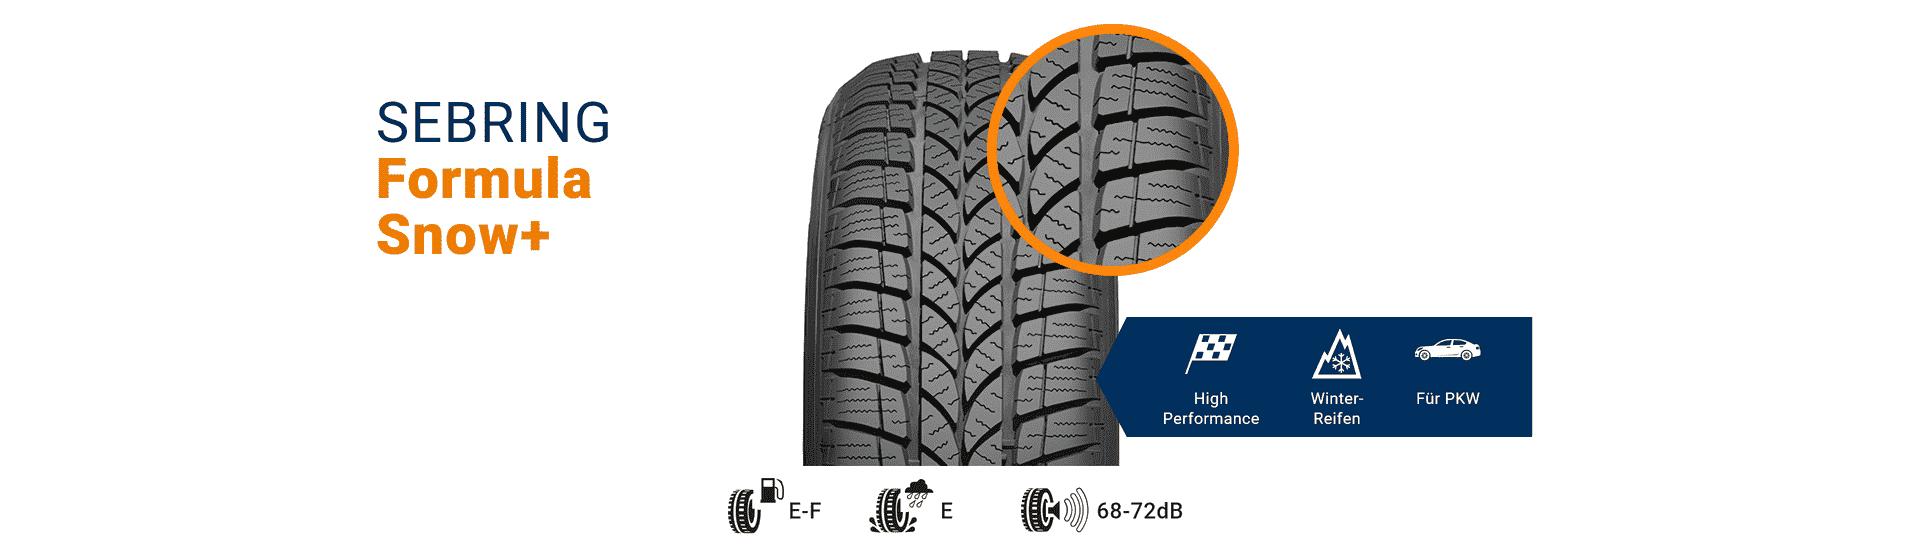 Snow-Reifen für Schnee und Winter